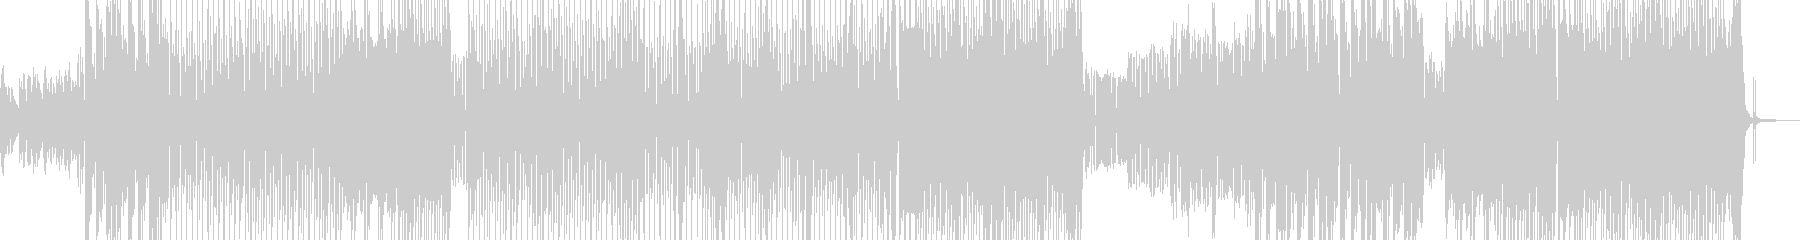 お菓子の国・メルヘンポップ B+の未再生の波形